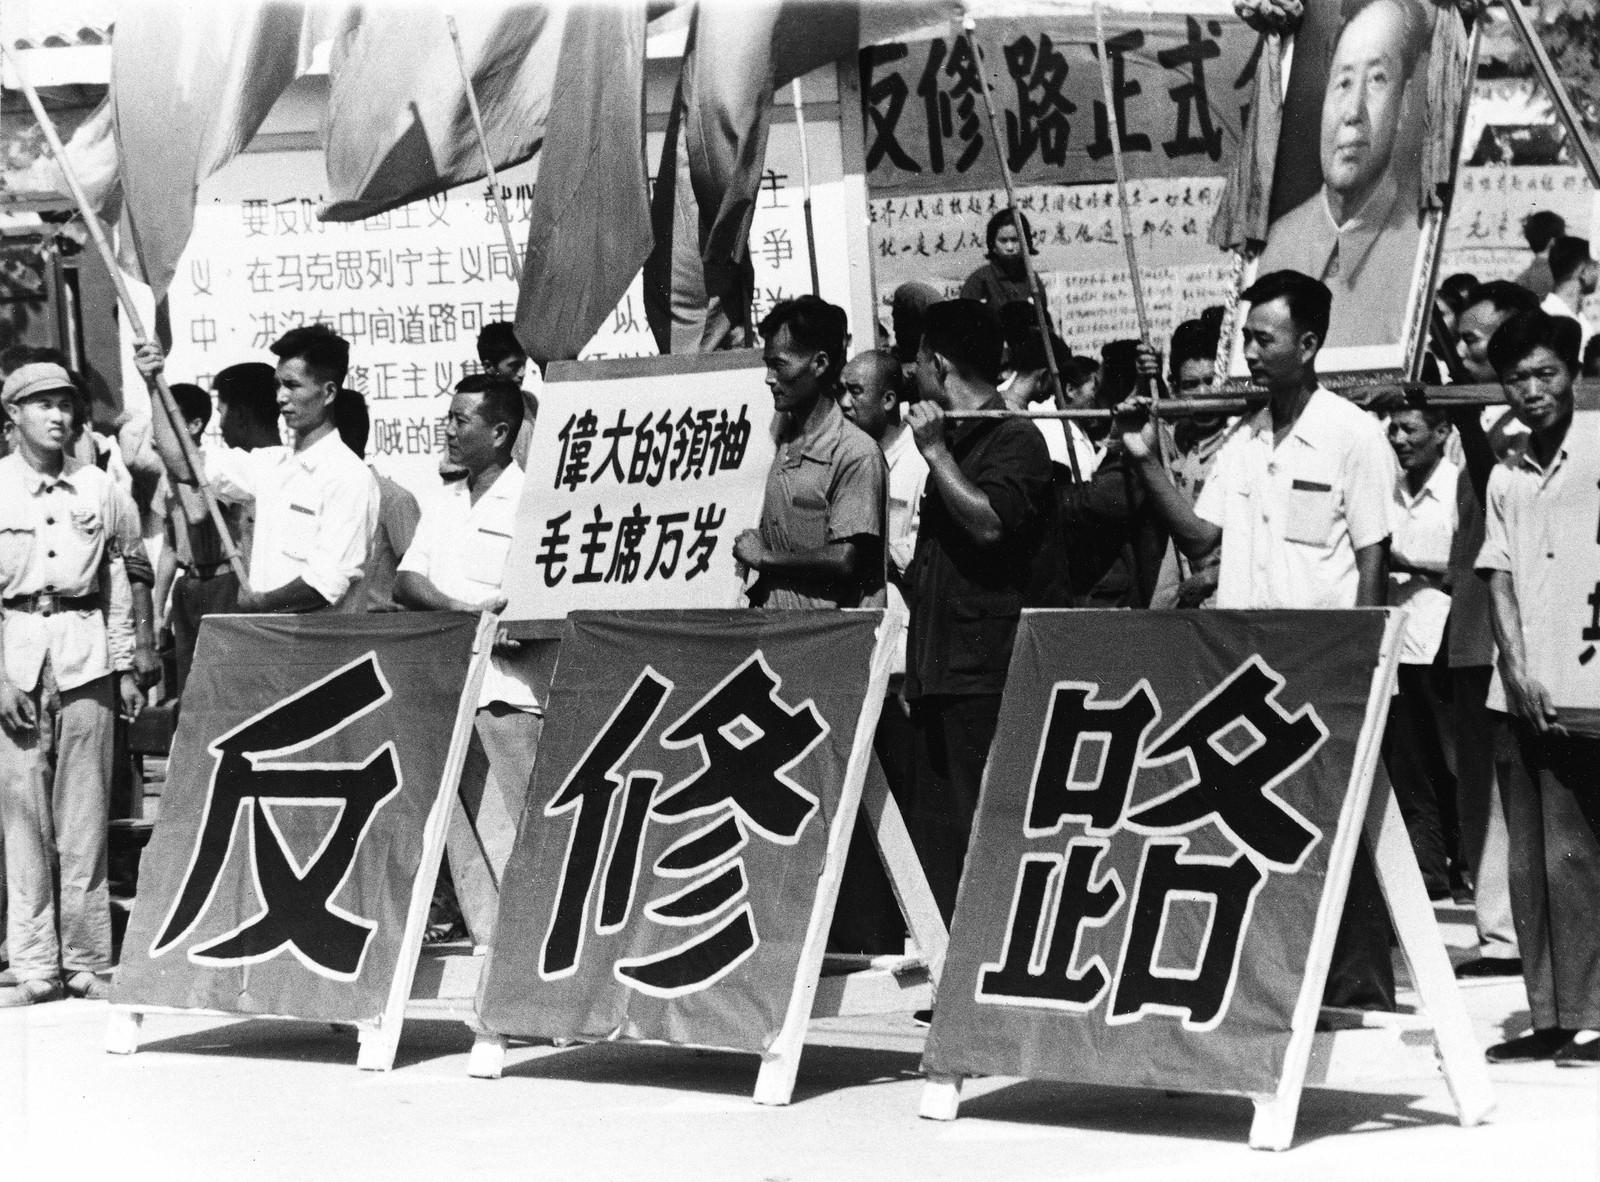 Rødegardister under en seremoni i august 1966 der de endre navnet på en gate i Beijing til Anti-revisjonist-gaten.